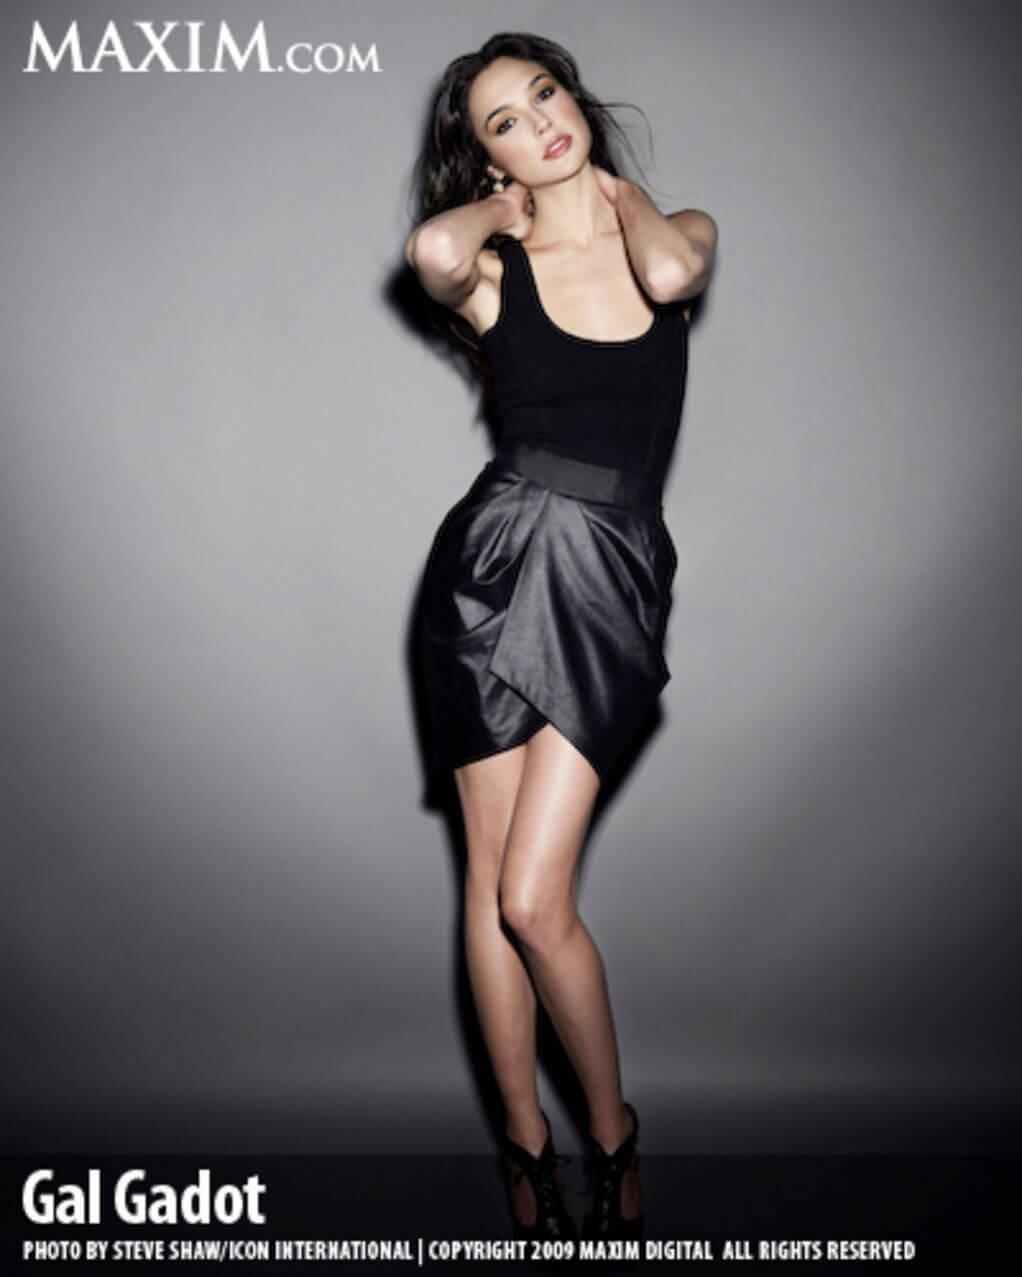 Gal Gadot Lingerie Shoot For Maxim 7